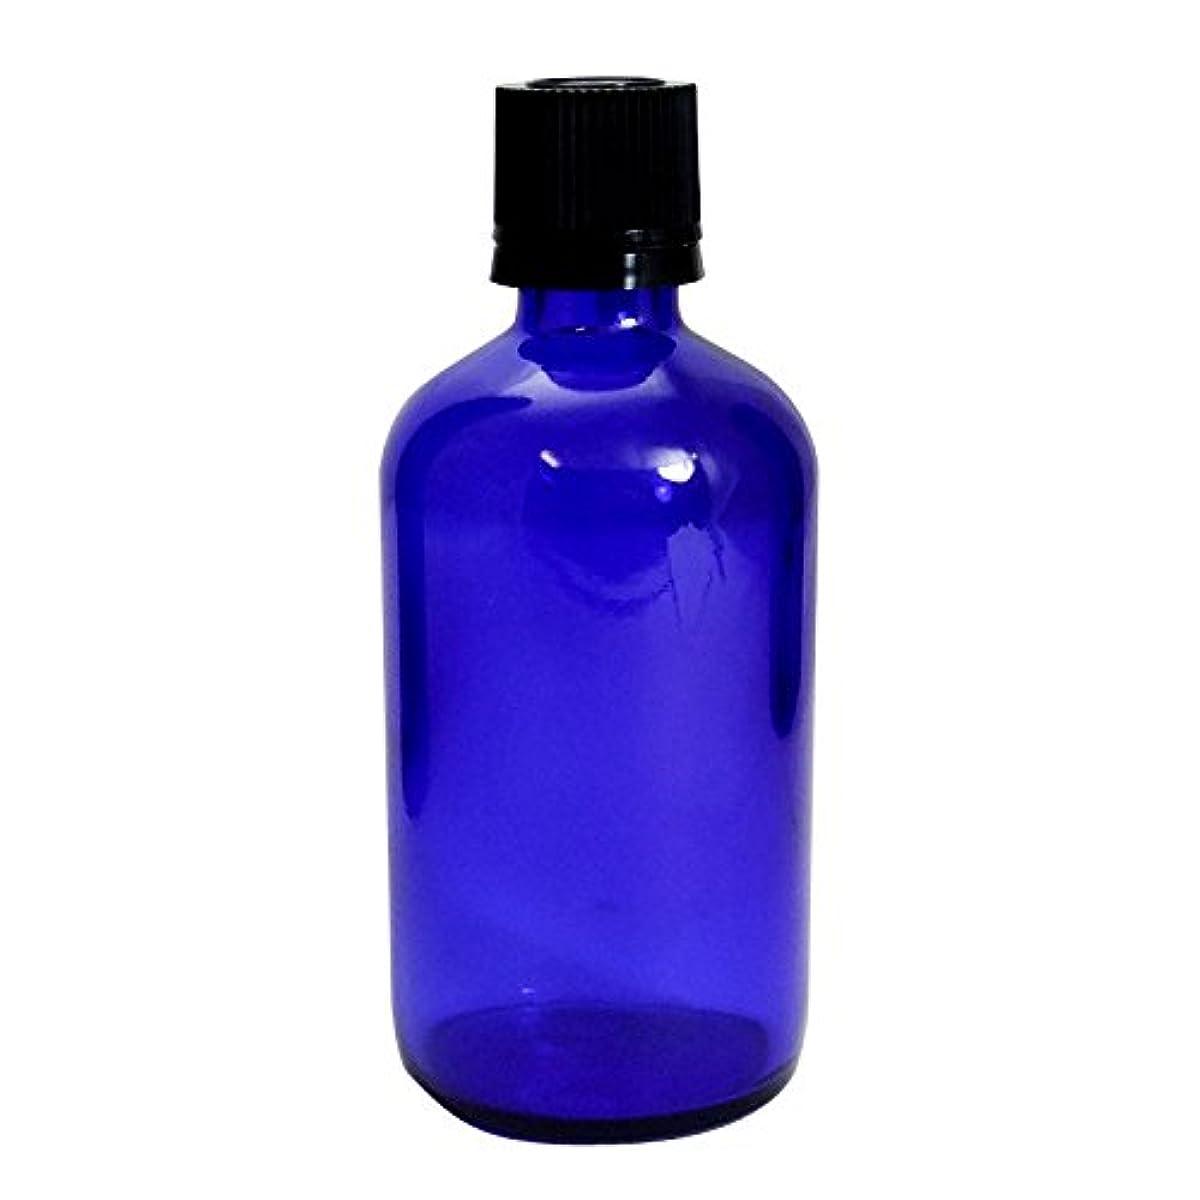 戸棚レトルトプーノ遮光瓶100mlブルーTBG-100 ブルー